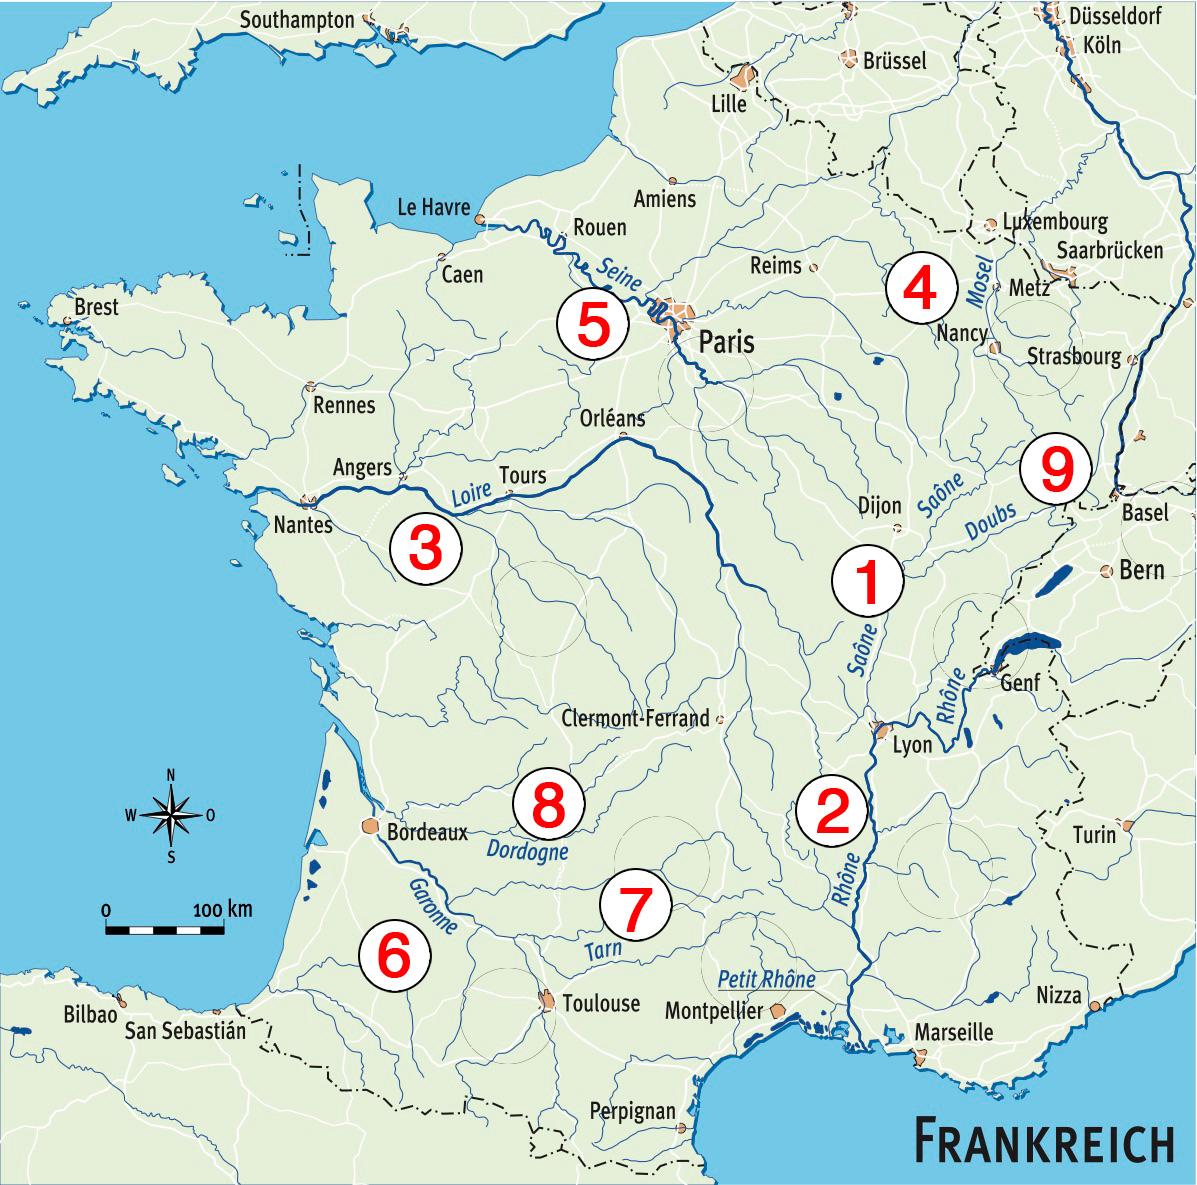 Die Welsreviere Frankreichs im Überblick:  1. Saône 2. Rhône 3. Loire 4. Mosel  5. Seine 6. Garonne 7. Tarn 8. Dordogne 9. Doubs